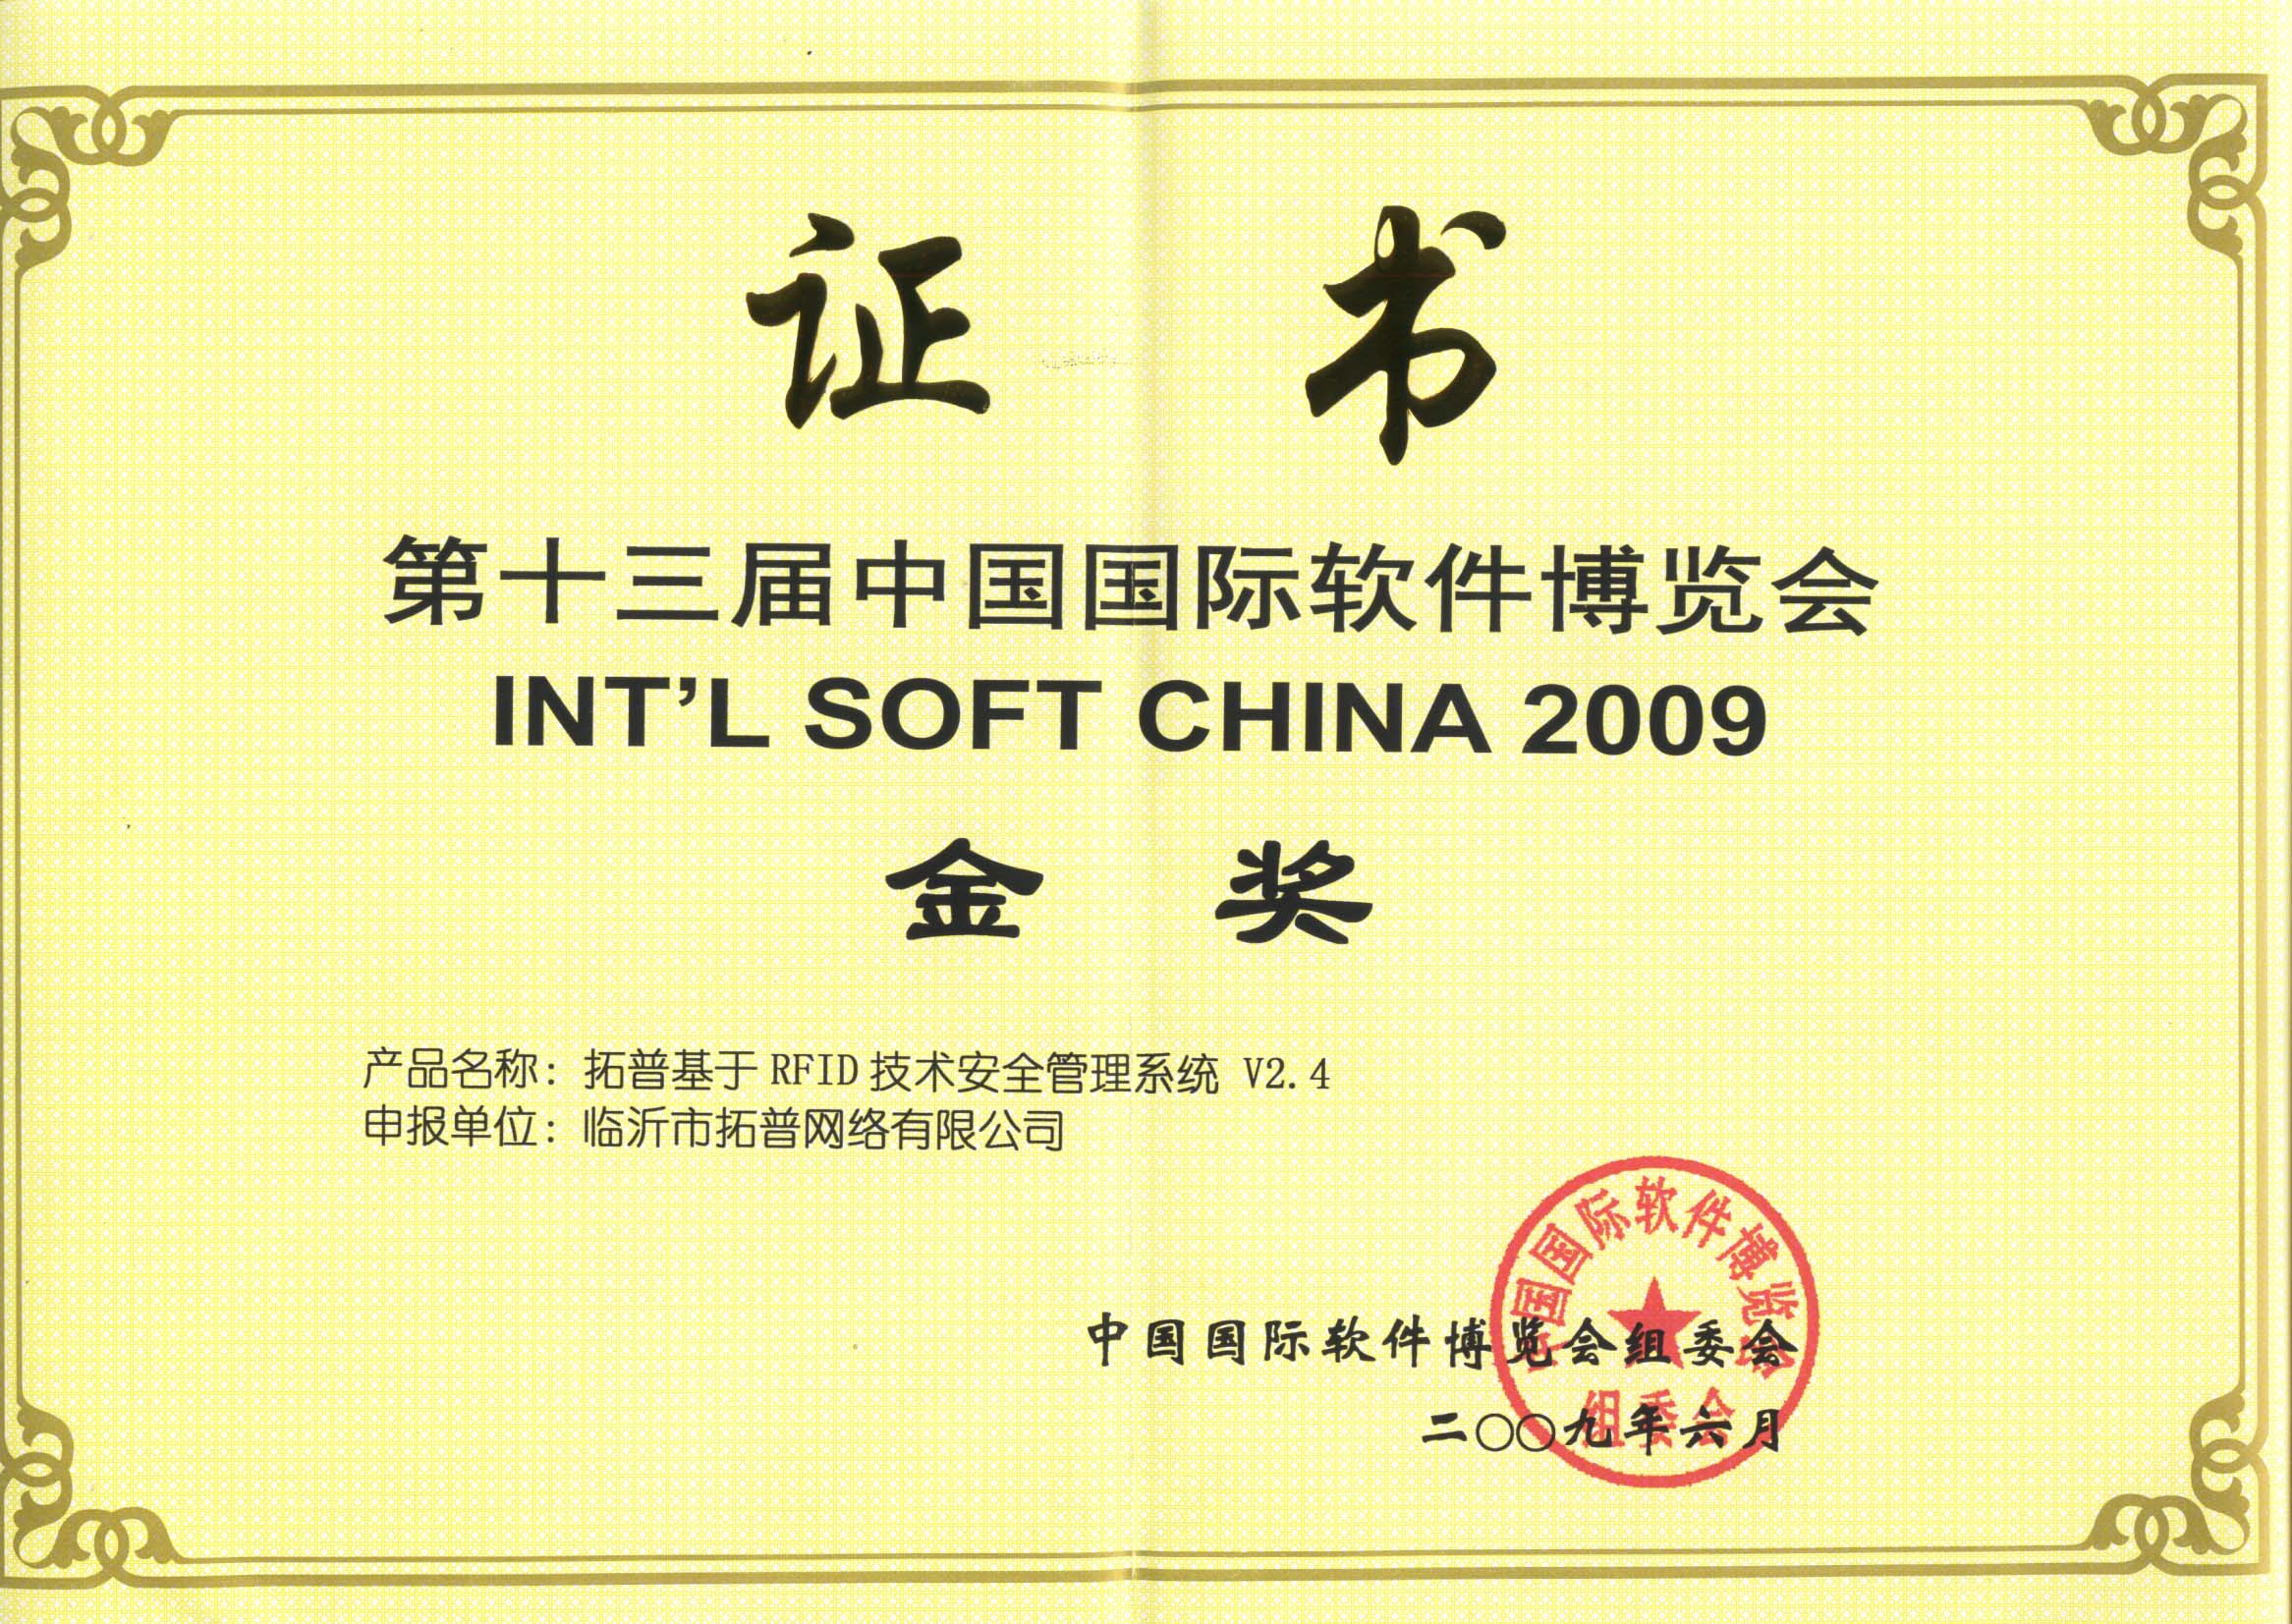 主题:《拓普基于RFID技术的安全管理系统》 日期:2013-03-01